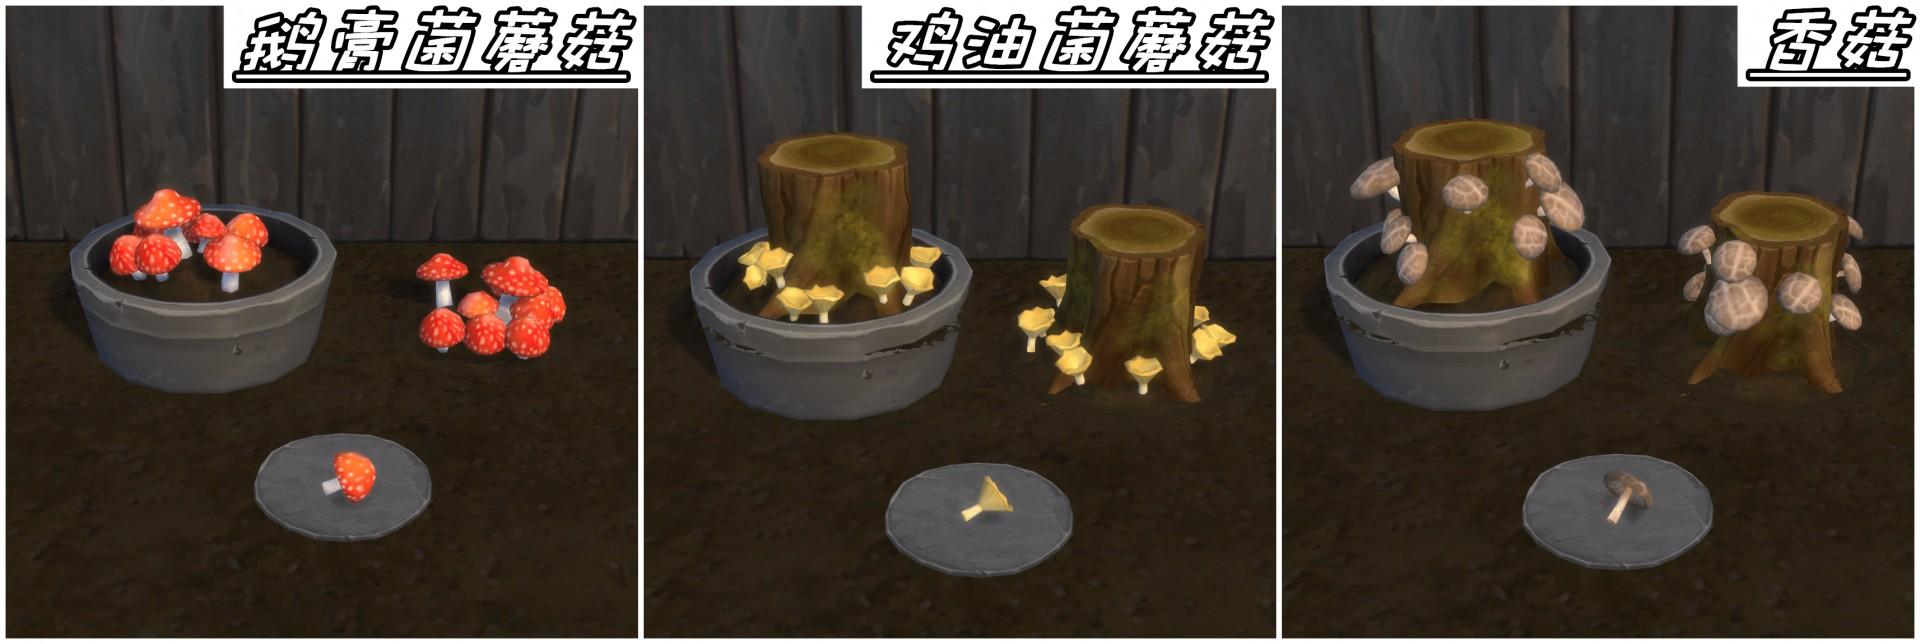 鹅膏菌蘑菇_副本.png